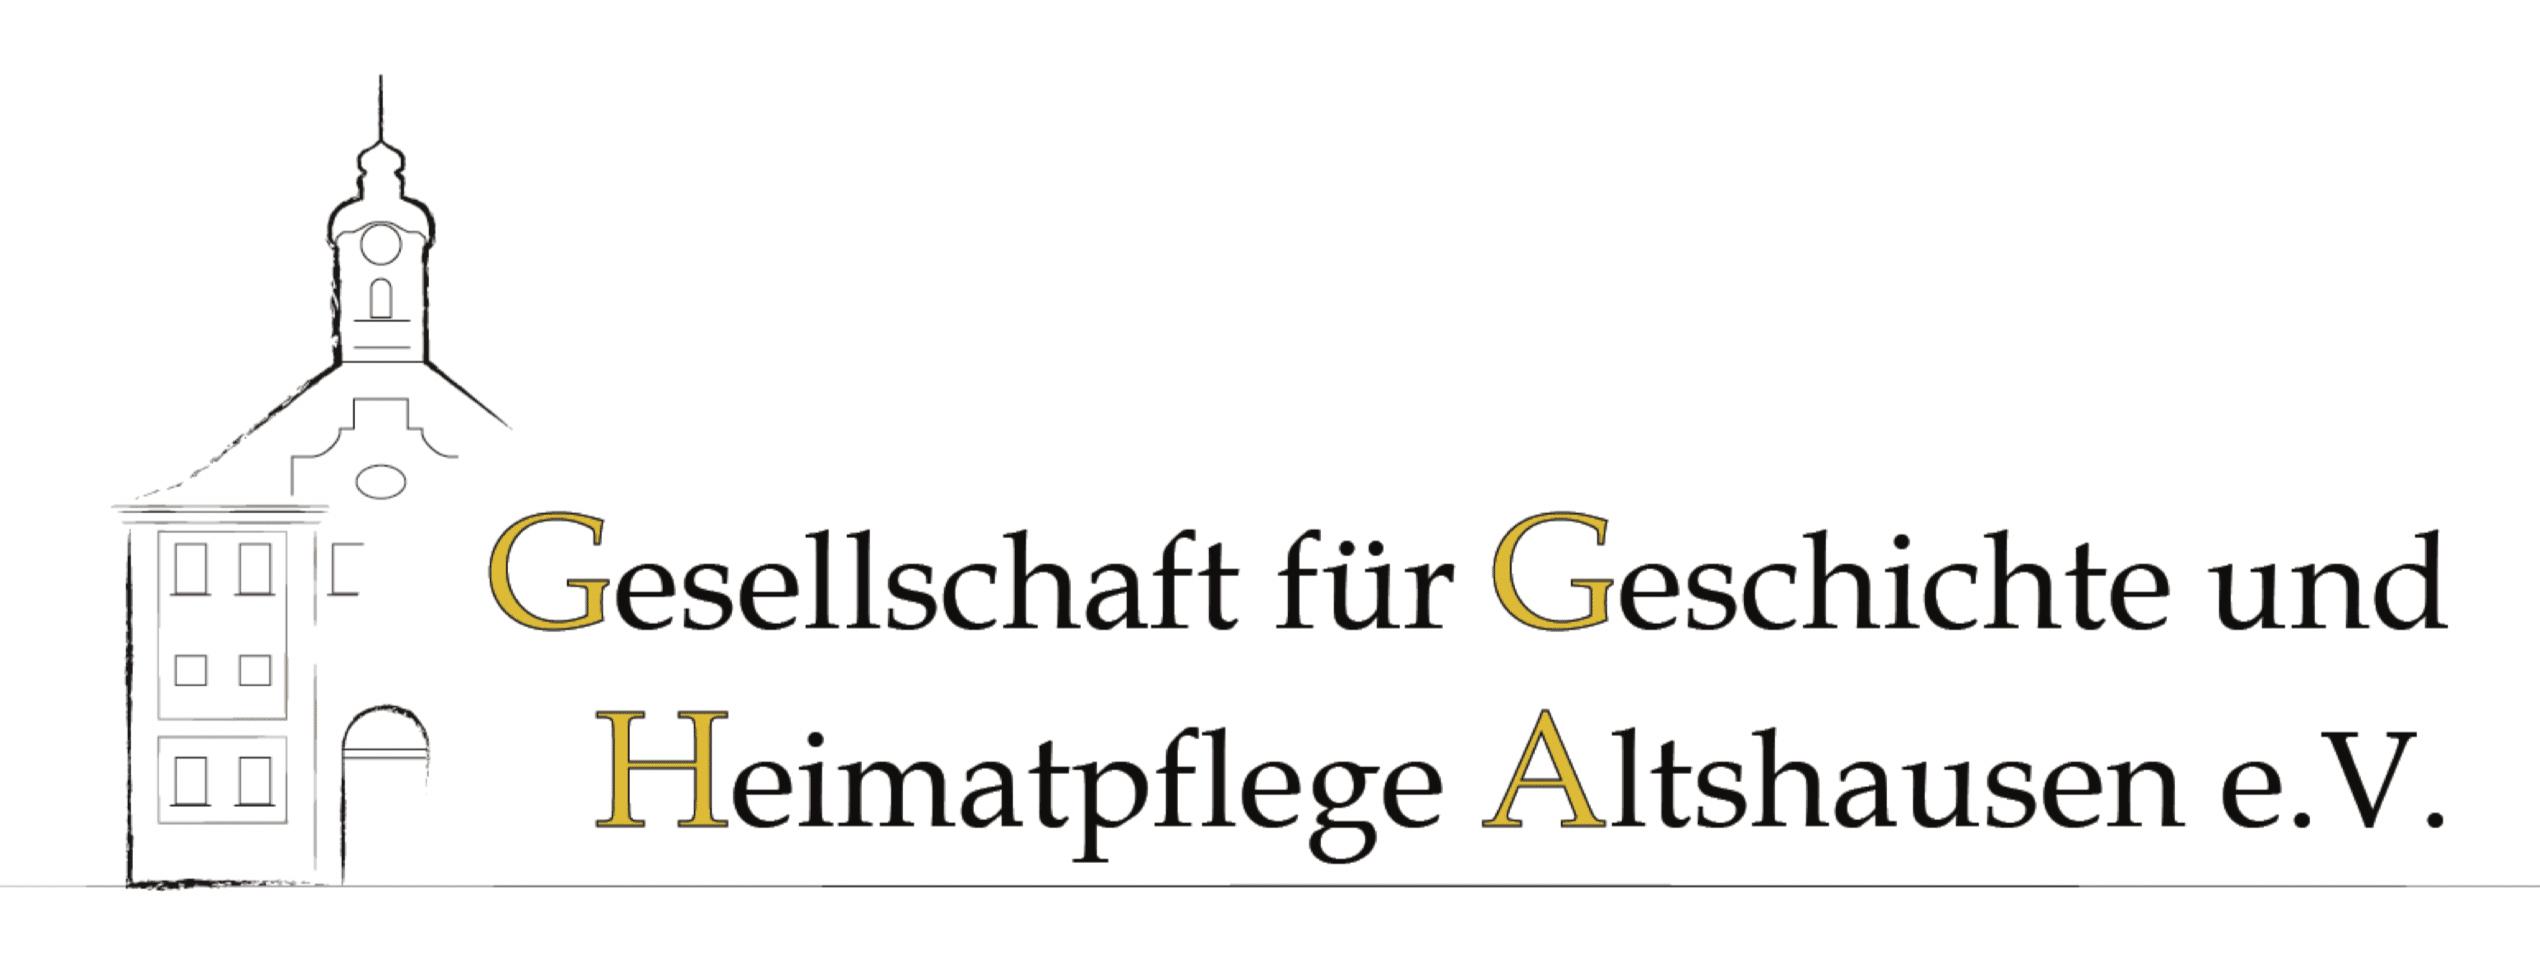 Geschichtsverein Altshausen